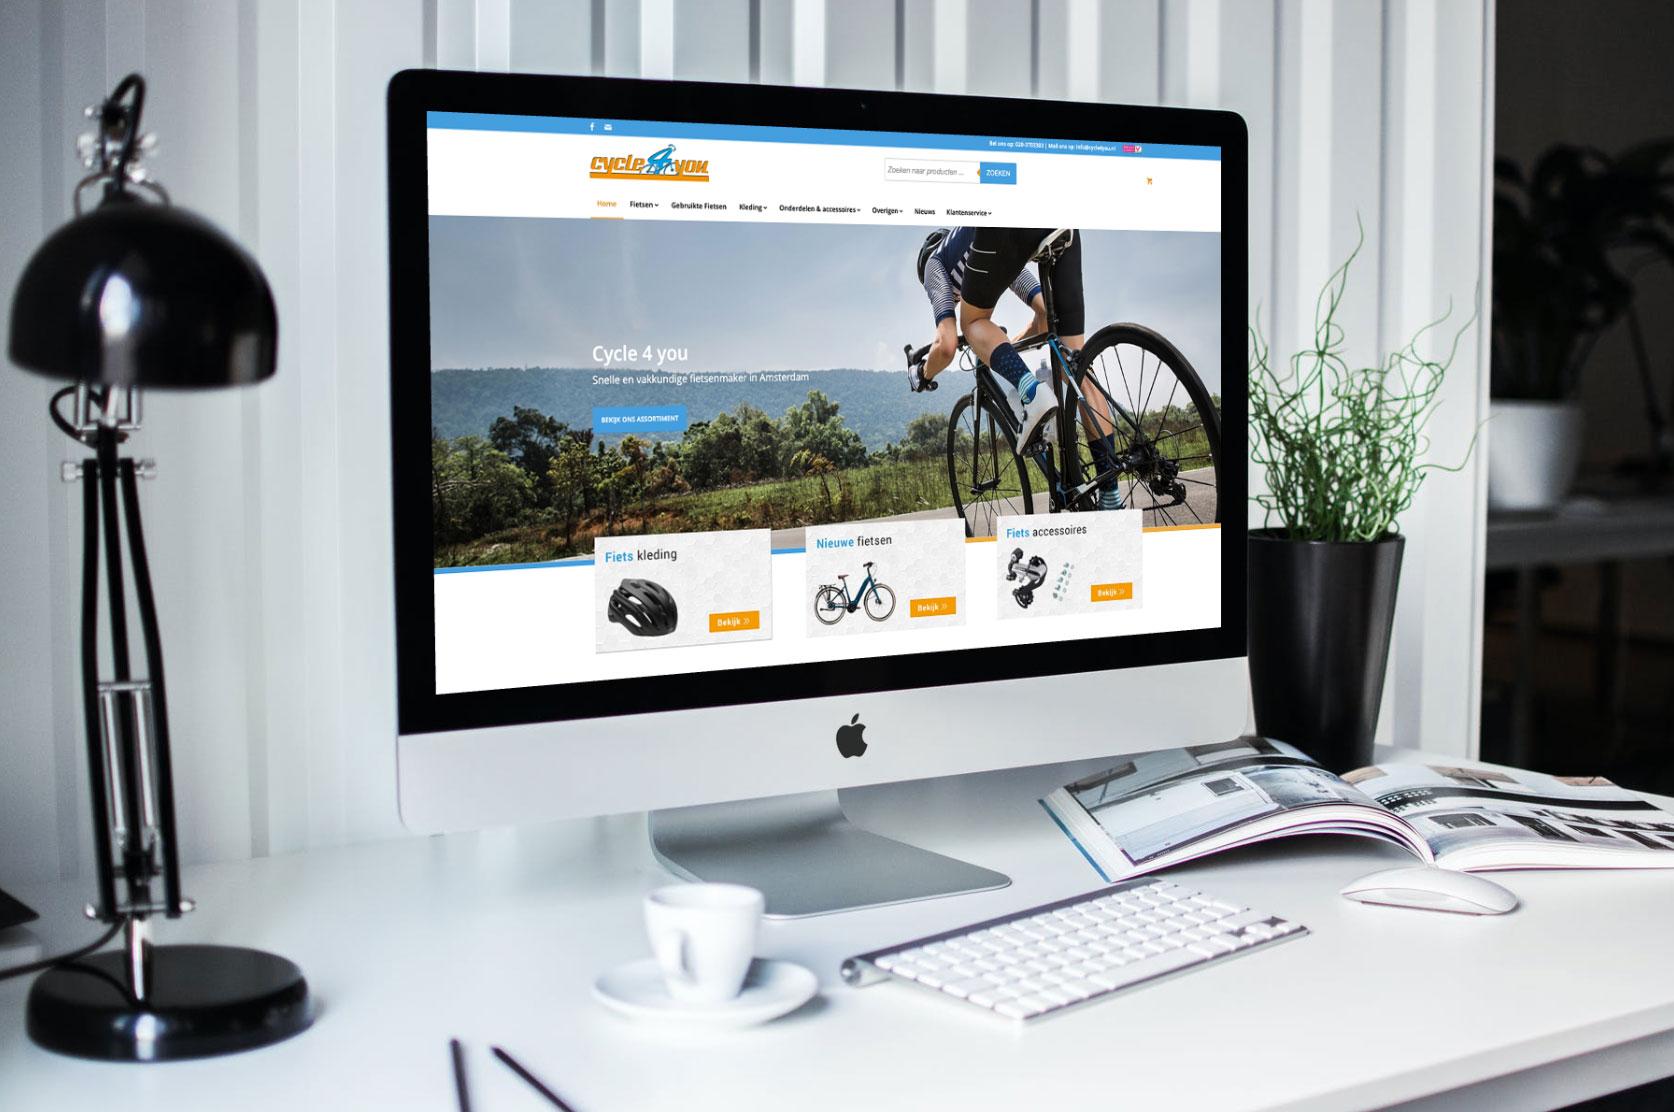 Celina Klarenbeek - Cycle 4 you